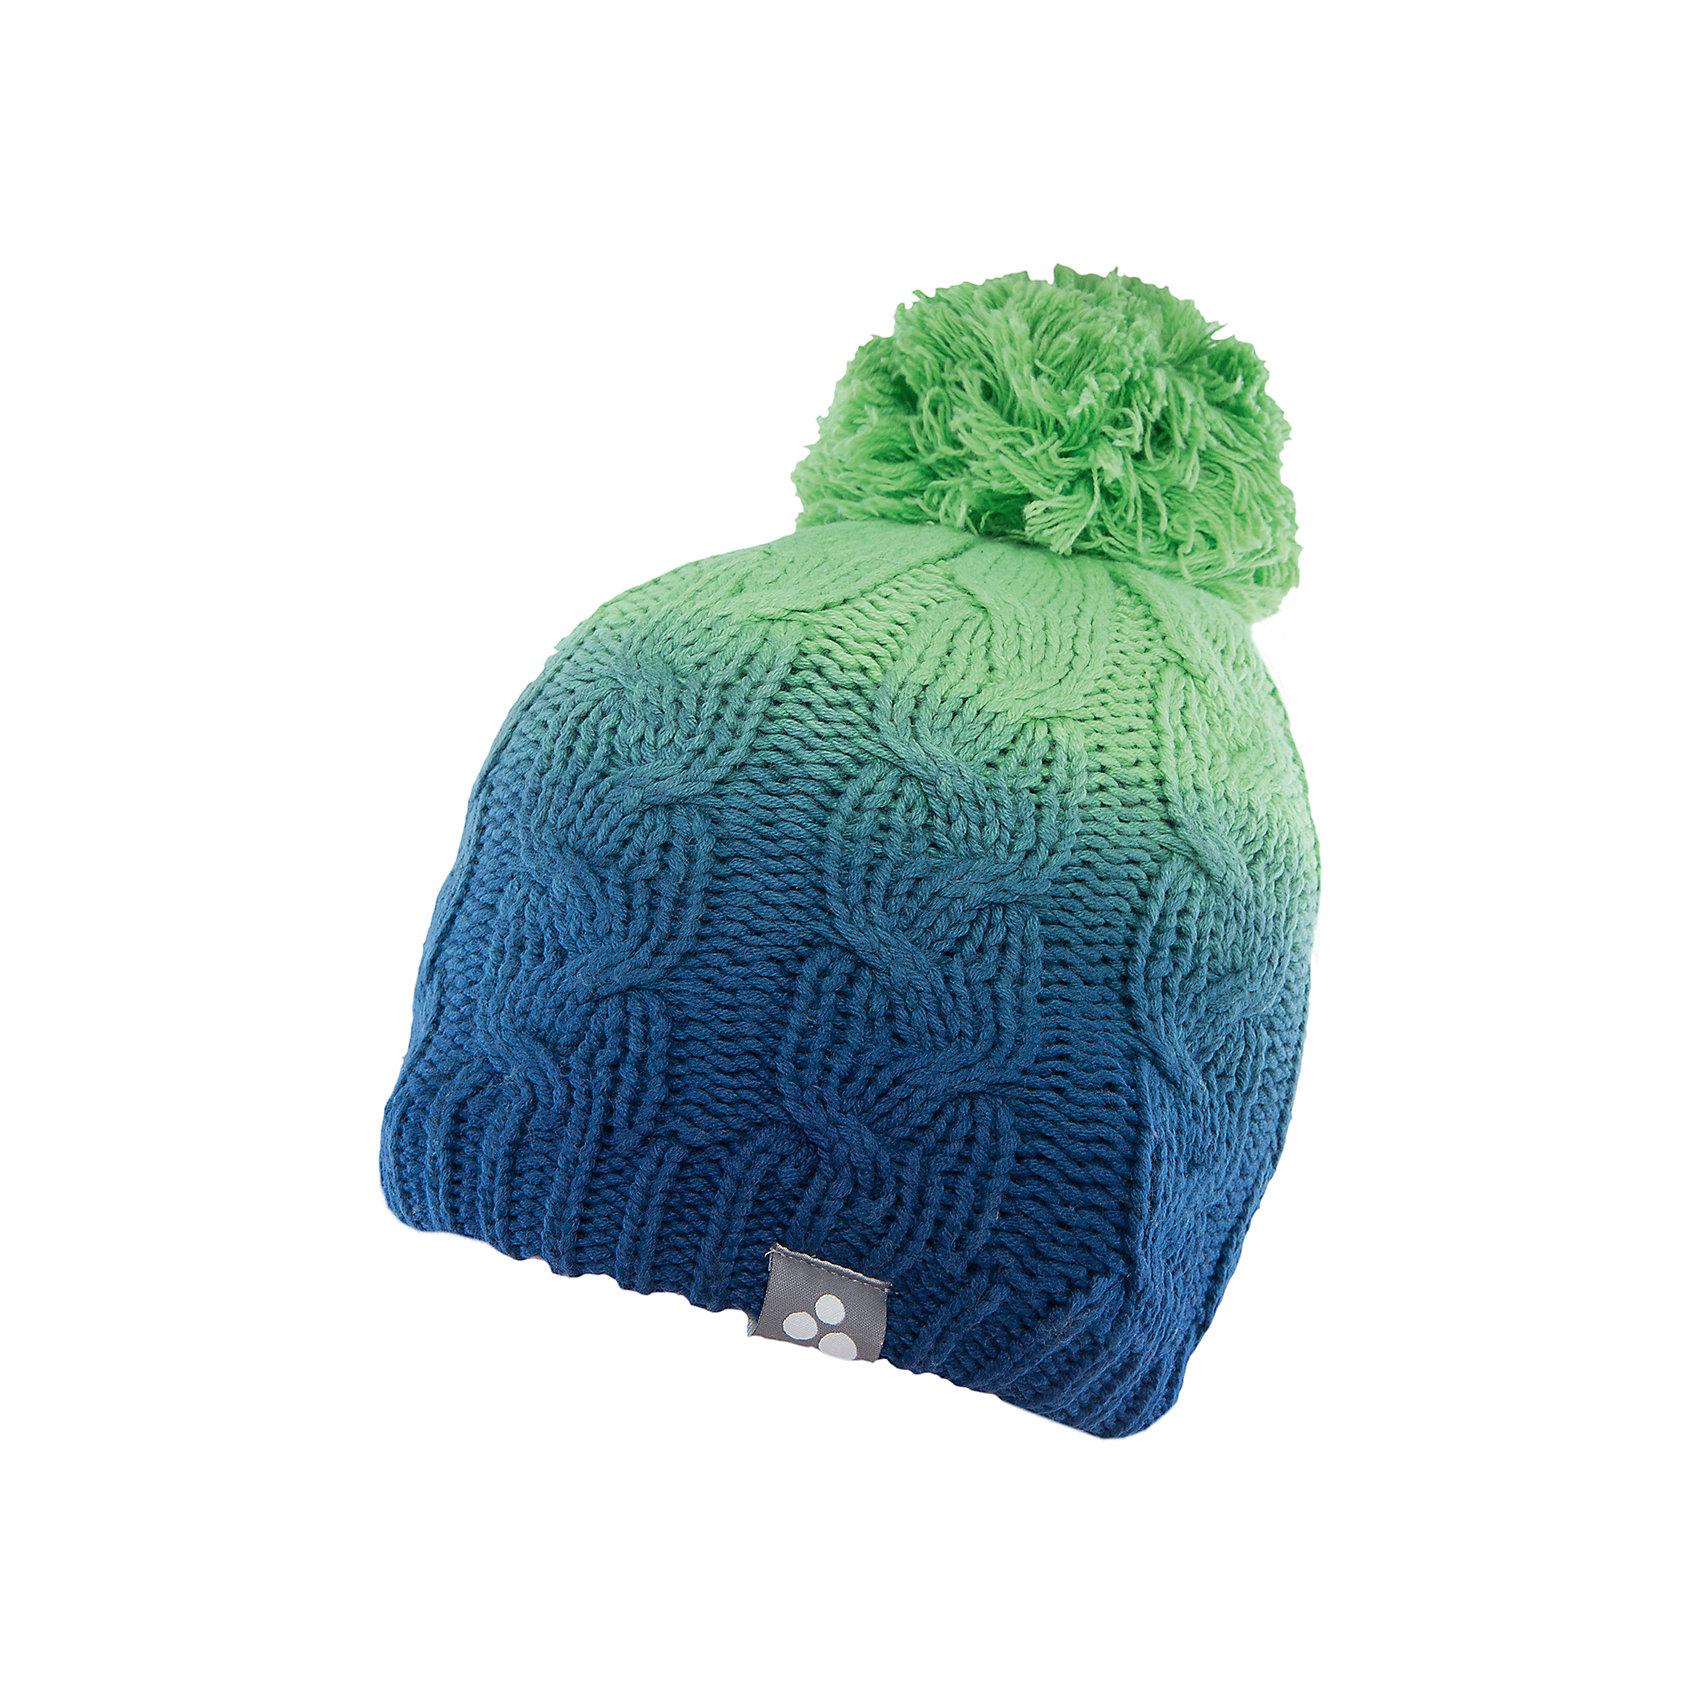 Шапка  HuppaГоловные уборы<br>Вязаная шапка LUCCA Huppa(Хуппа) изготовлена из качественных материалов и обеспечит вашему ребенку тепло и комфорт. Шапка украшена помпоном, вязаными косичками и интересным рисунком с эффектом градиента. Шапка плотно прилегает к голове благодаря резинке по краю.<br><br>Дополнительная информация:<br>Материал: 45% акрил, 55% хлопок<br>Цвет: зеленый/темно-синий<br><br>Вы можете приобрести шапку LUCCA Huppa(Хуппа) в нашем интернет-магазине.<br><br>Ширина мм: 89<br>Глубина мм: 117<br>Высота мм: 44<br>Вес г: 155<br>Цвет: зеленый<br>Возраст от месяцев: 84<br>Возраст до месяцев: 120<br>Пол: Унисекс<br>Возраст: Детский<br>Размер: 55-57,51-53,57<br>SKU: 4928950